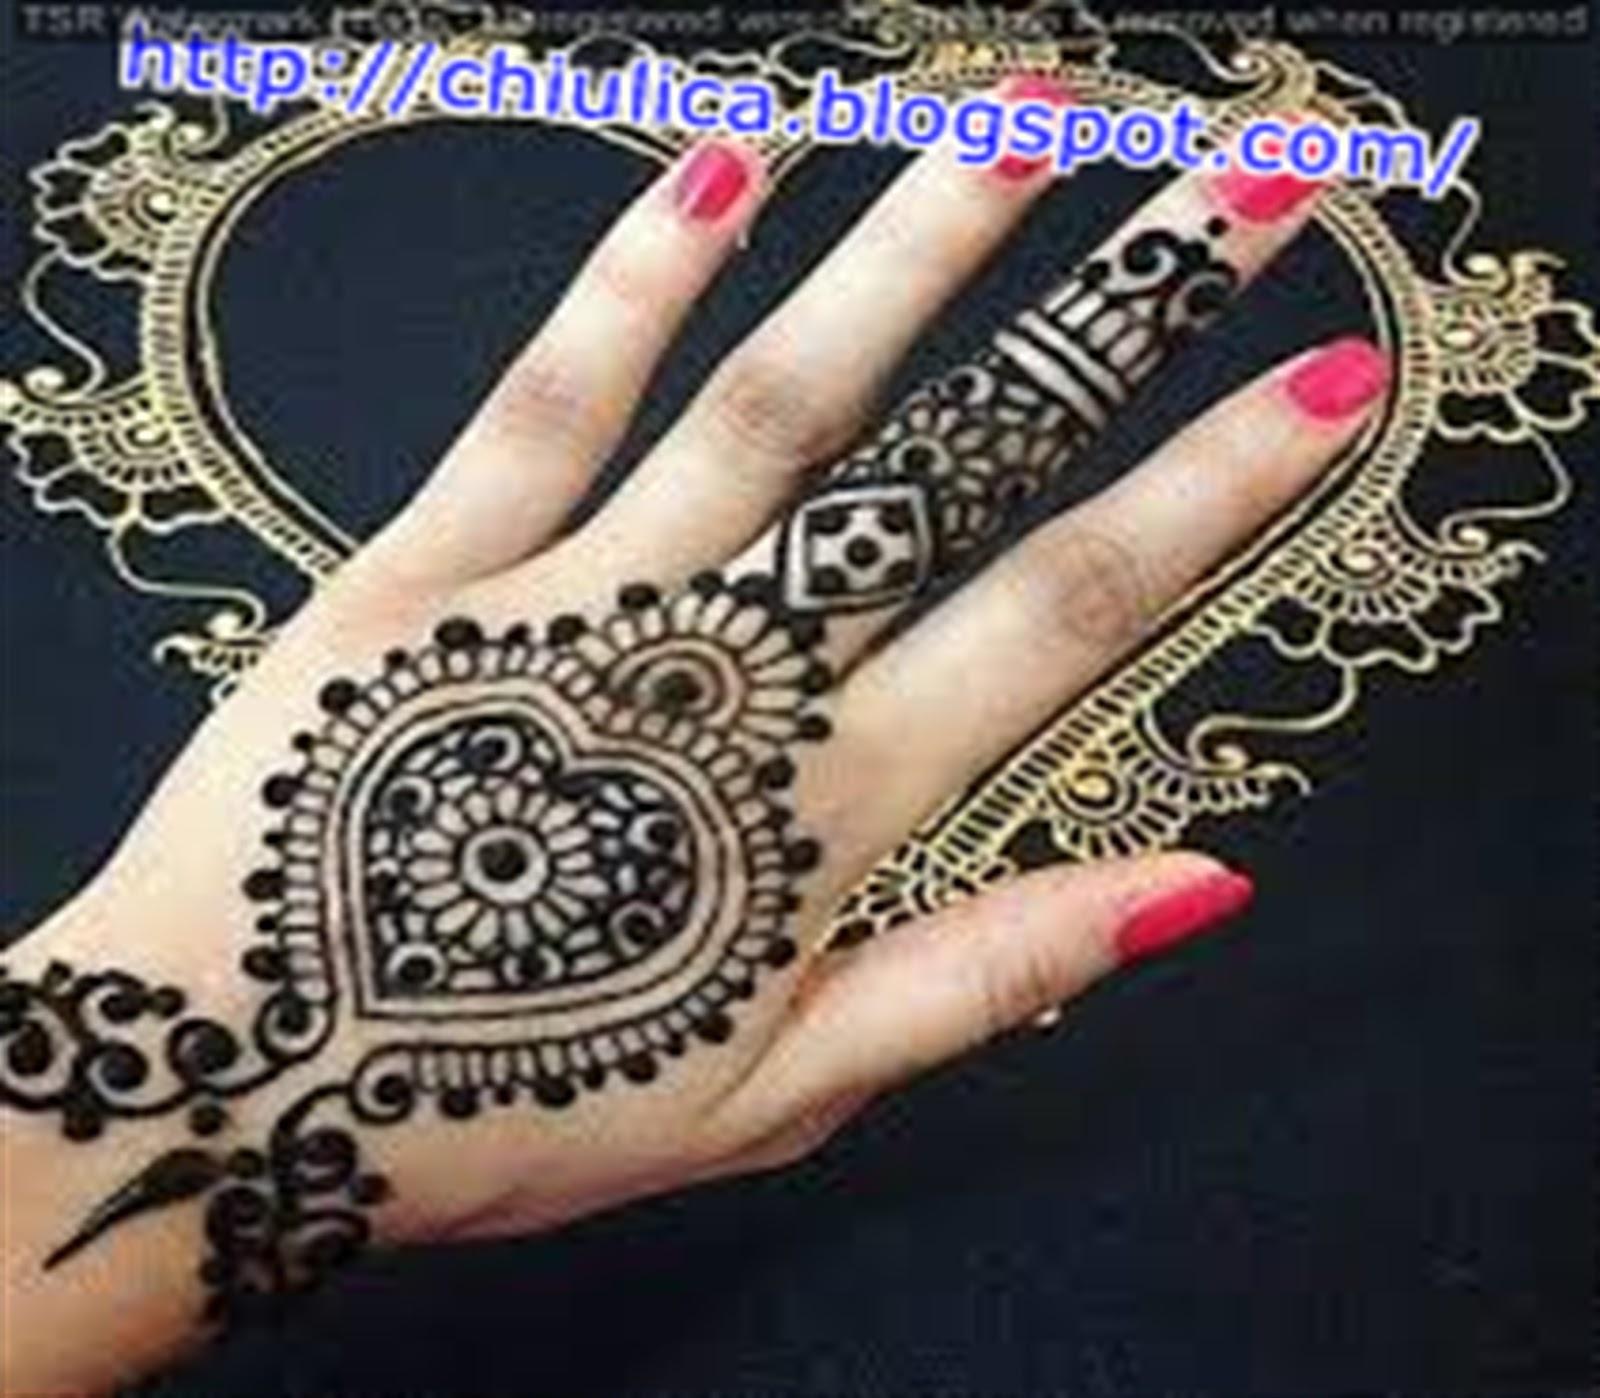 55+ Gambar Henna Tangan Dan Kaki Yang Mudah, Koleksi Istimewa!